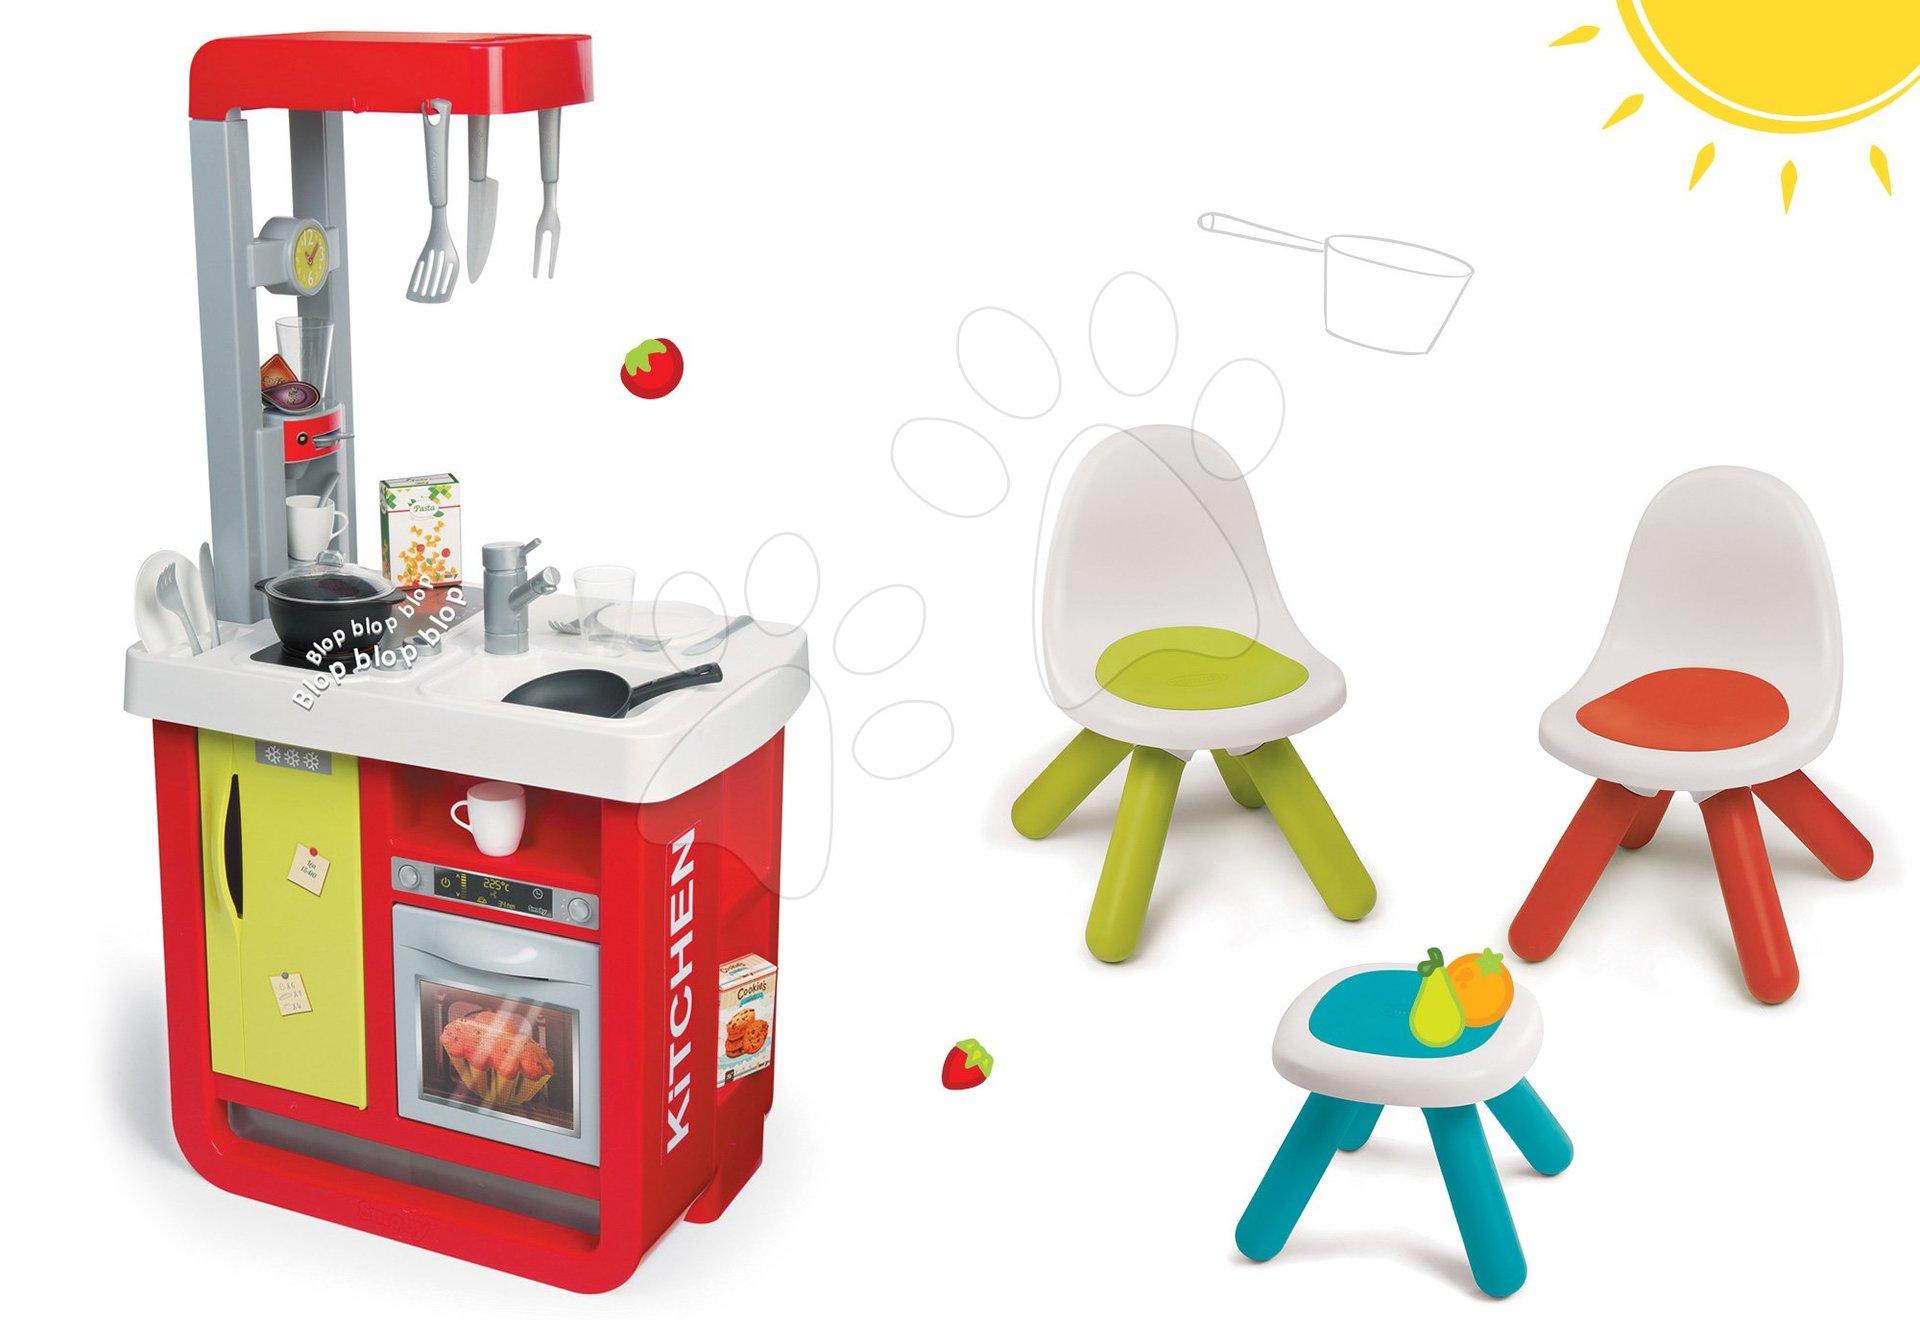 Kuchynky pre deti sety - Set kuchynka Cherry Special Smoby so zvukmi a kávovarom a stôl Piknik s dvoma stoličkami KidChair